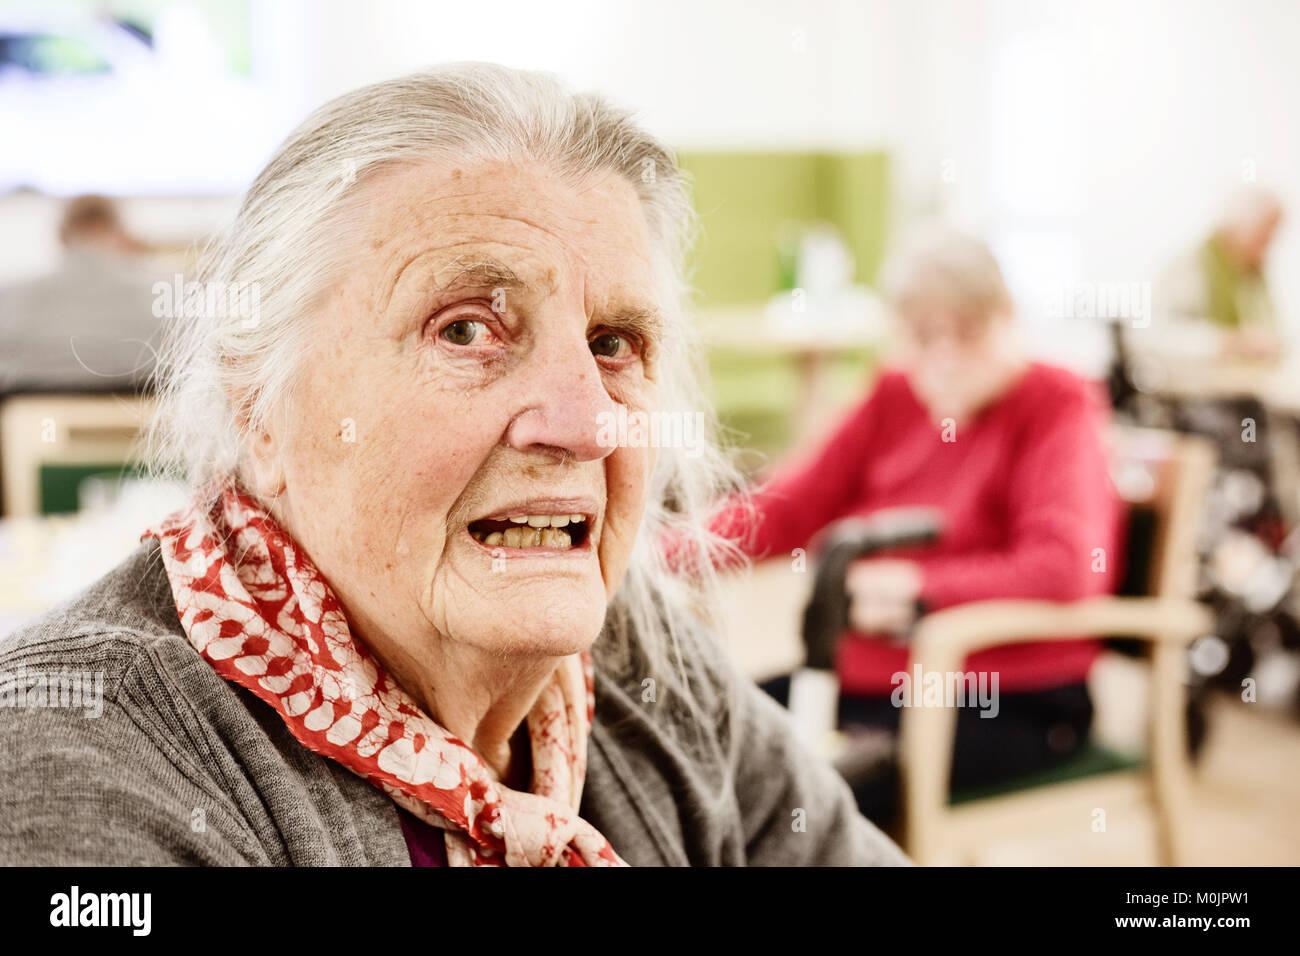 Demente Senioren, Porträt, fragend suchen, in ein Seniorenheim, Deutschland Stockbild